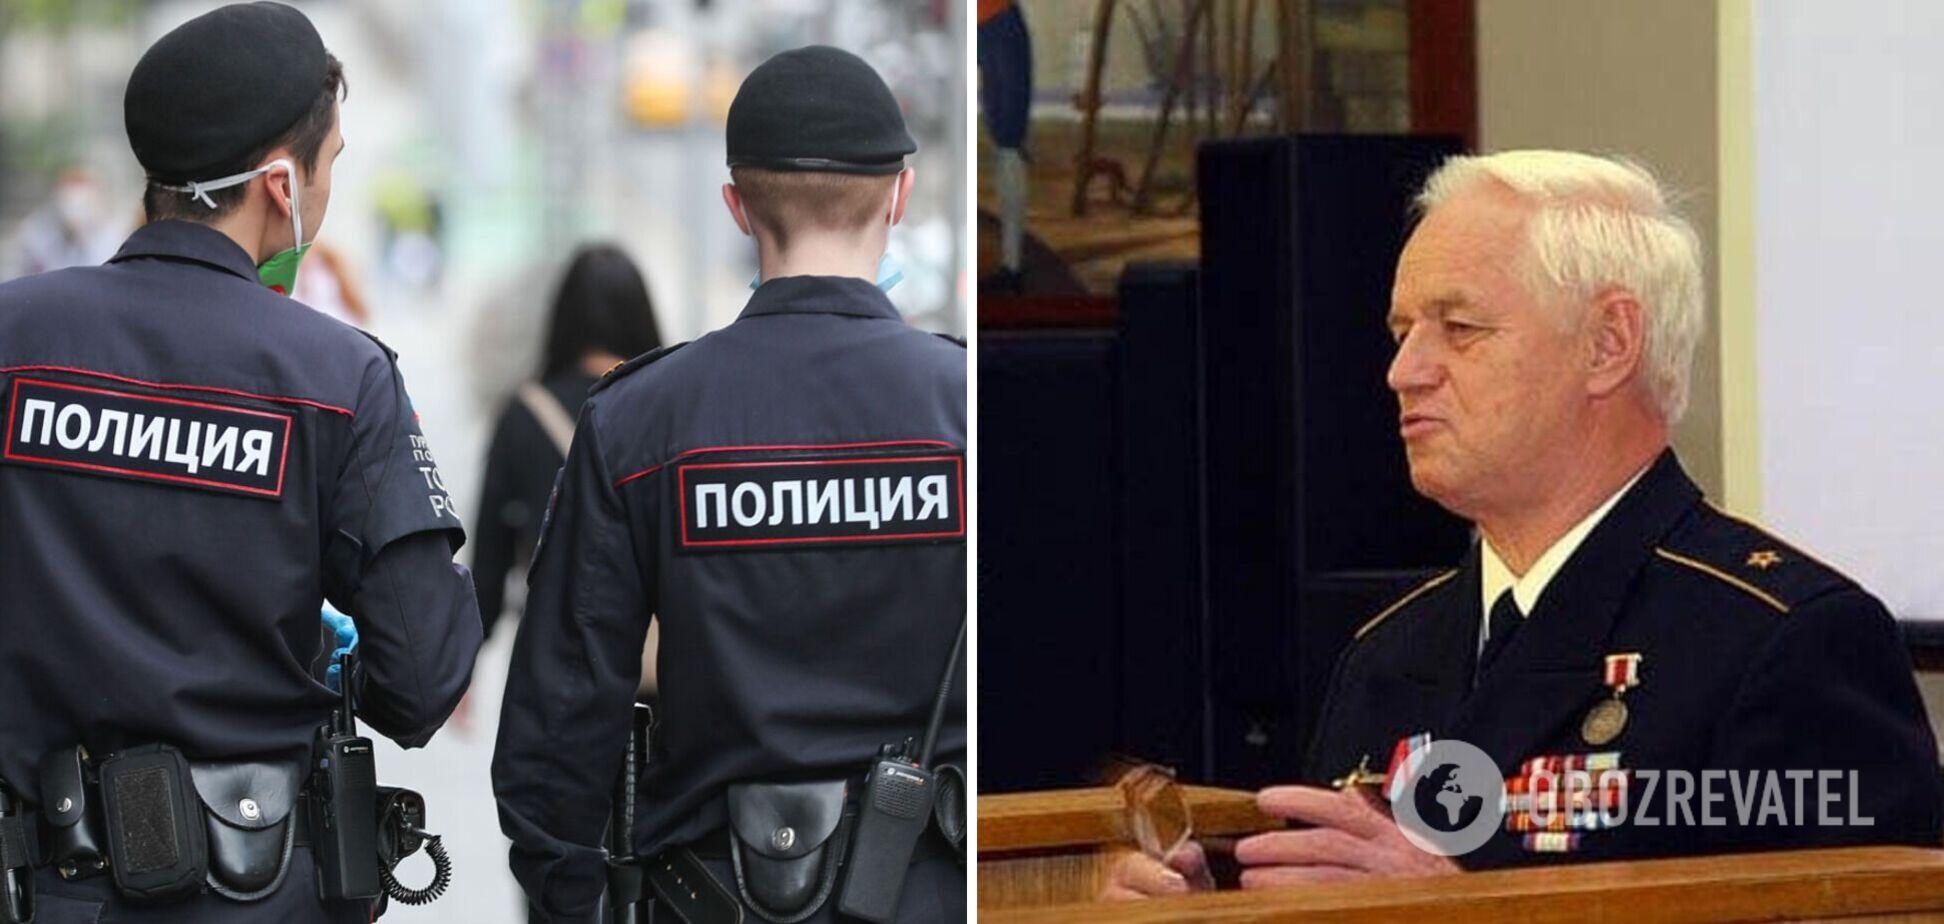 В России жестоко убили семью известного адмирала: всплыли новые подробности. Фото